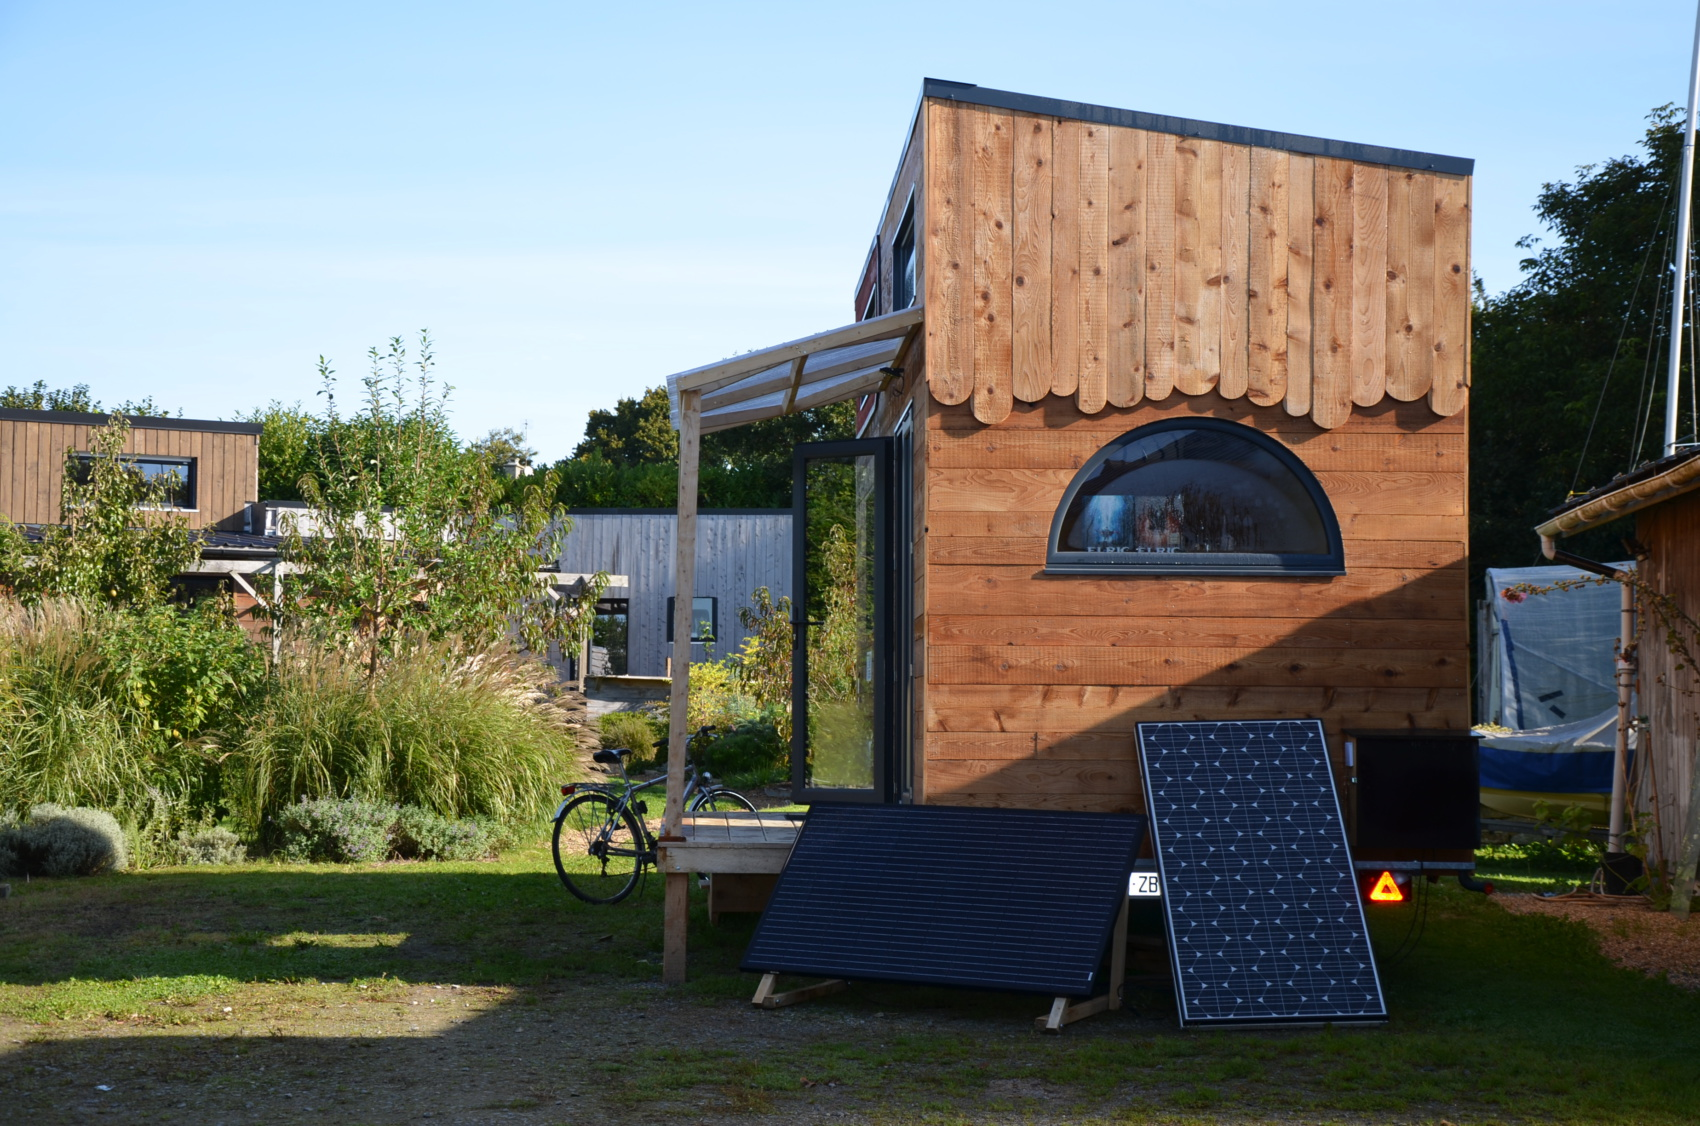 Petite maison autonome sur roues avec les panneaux solaires